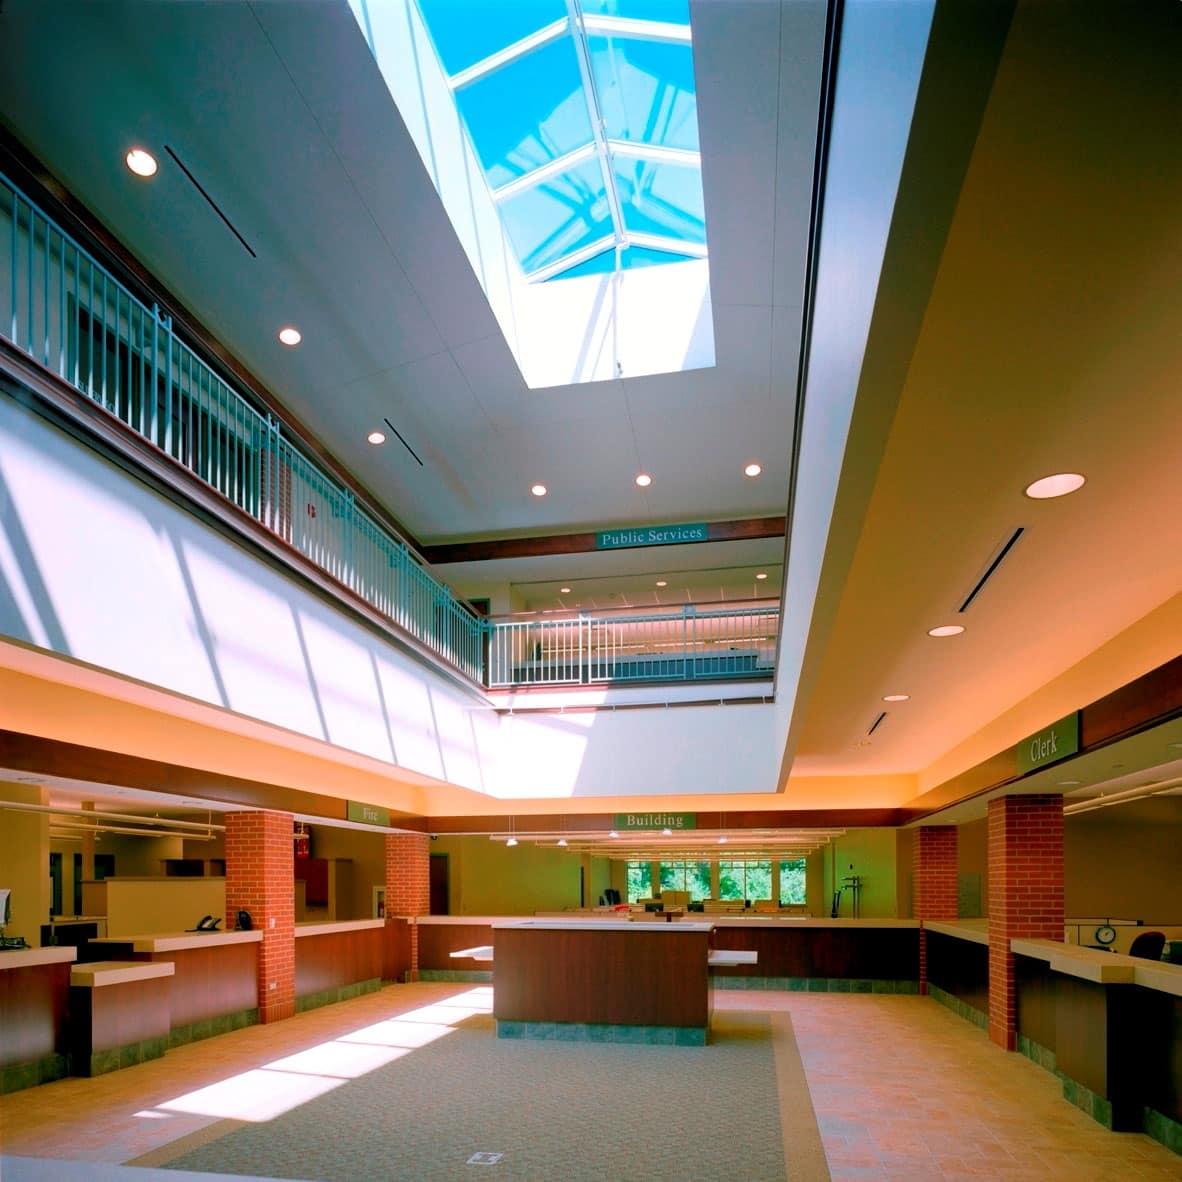 Atrium with Skylights